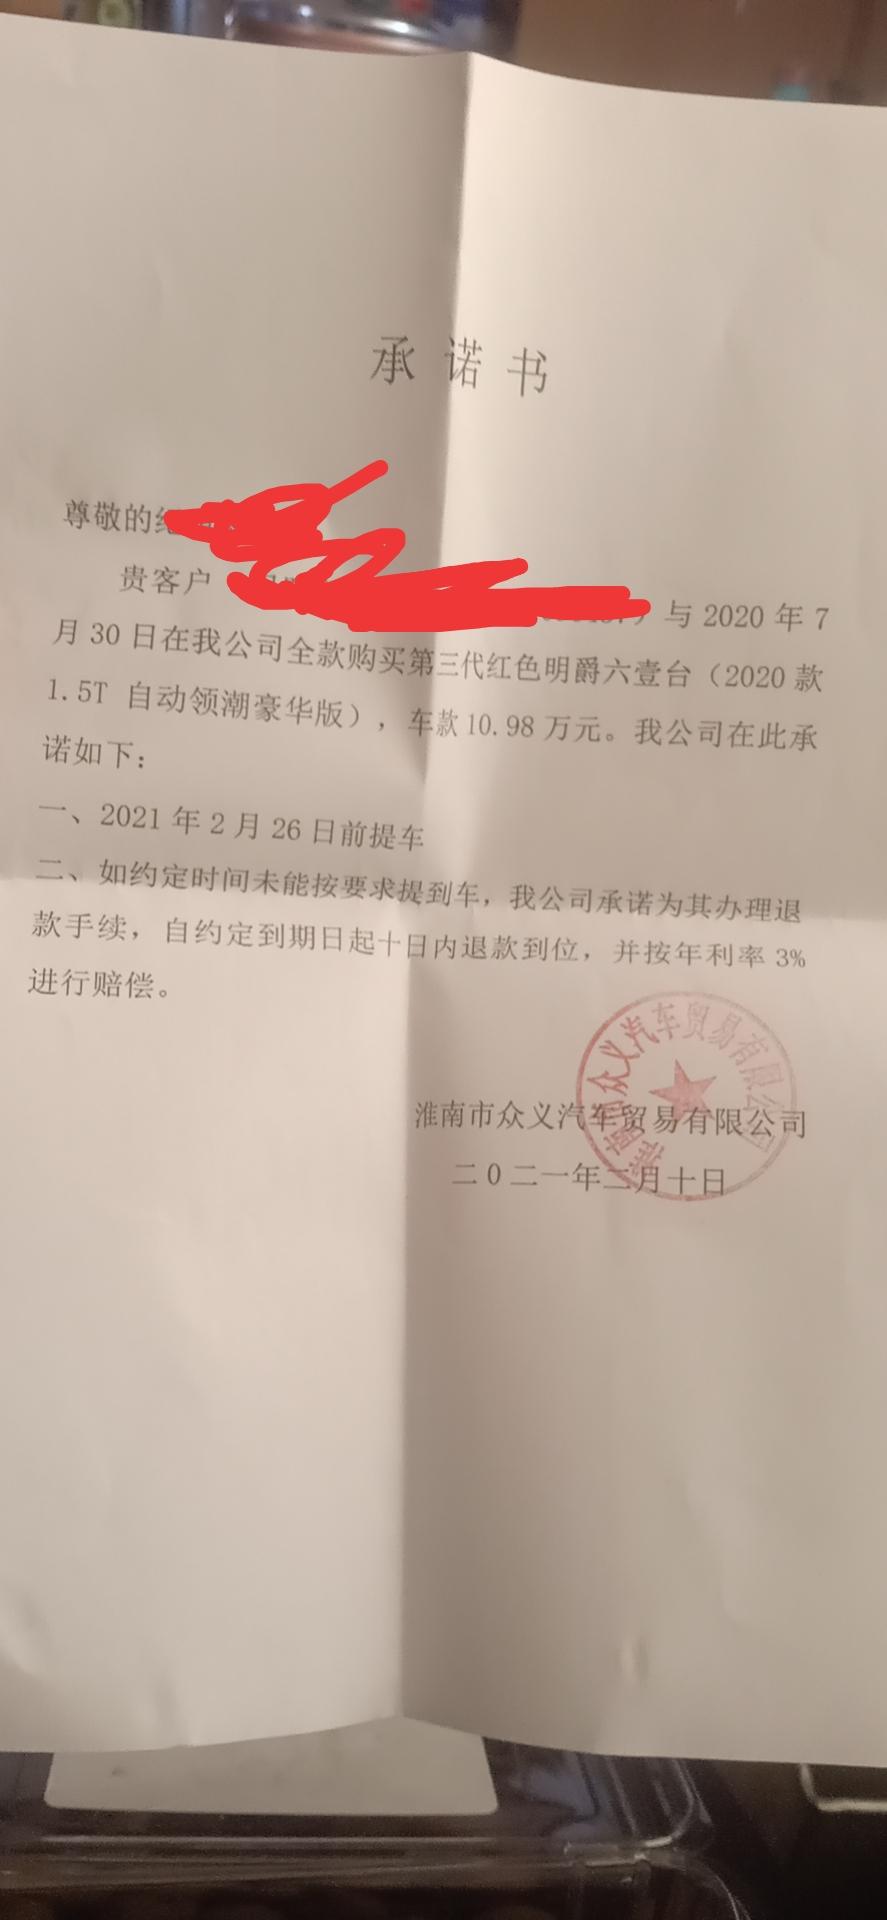 名爵-名爵6淮南市众义汽车贸易有限公司全款购车至无车无退款